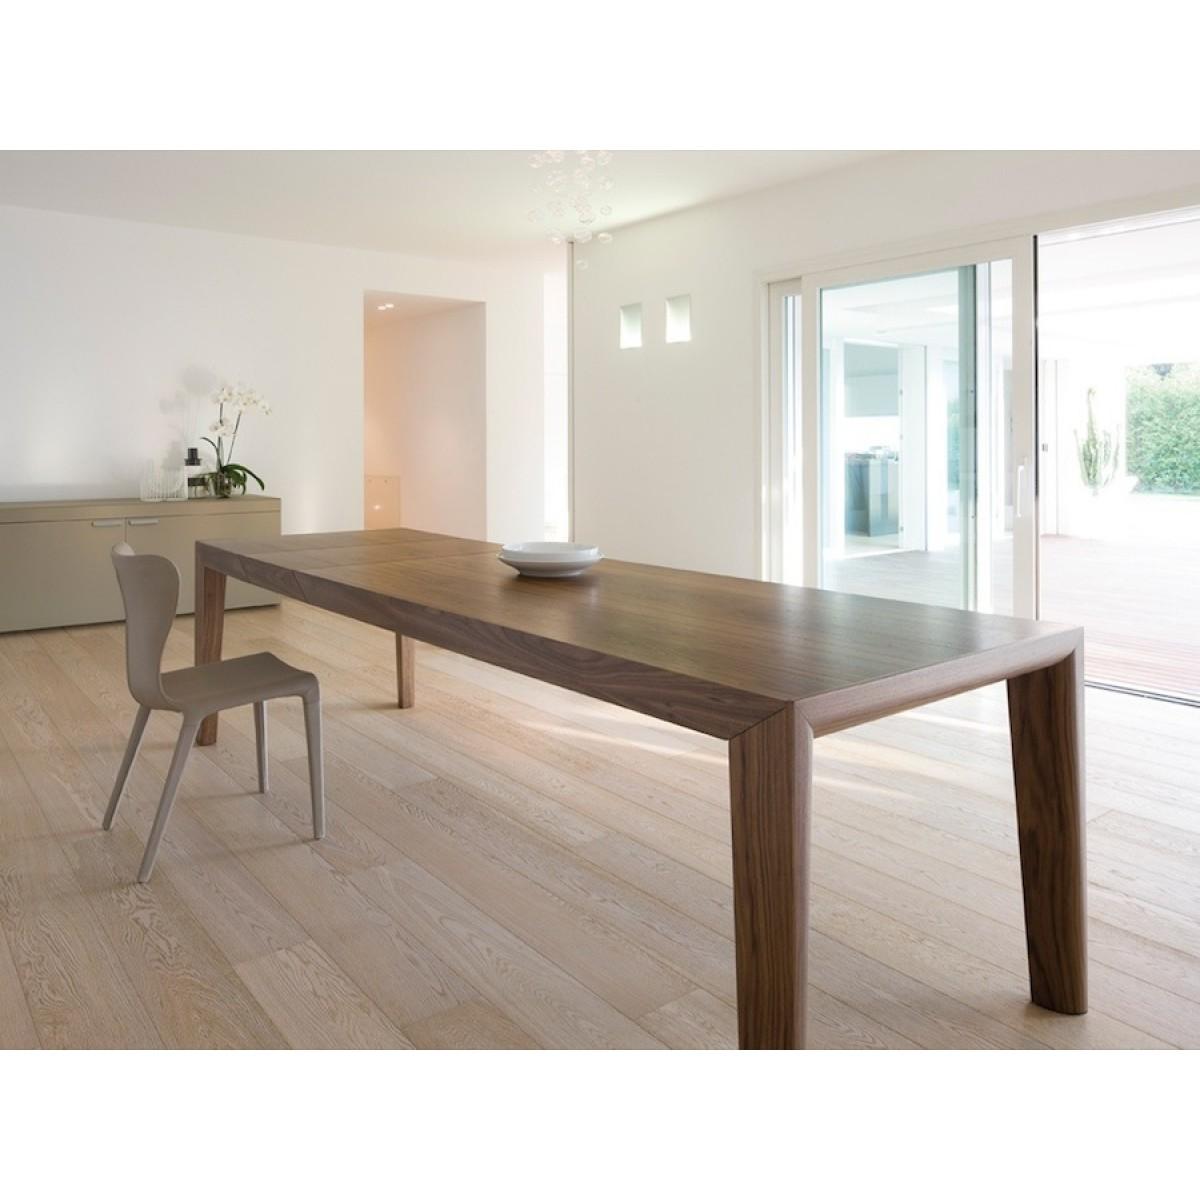 Stół model PATRIK